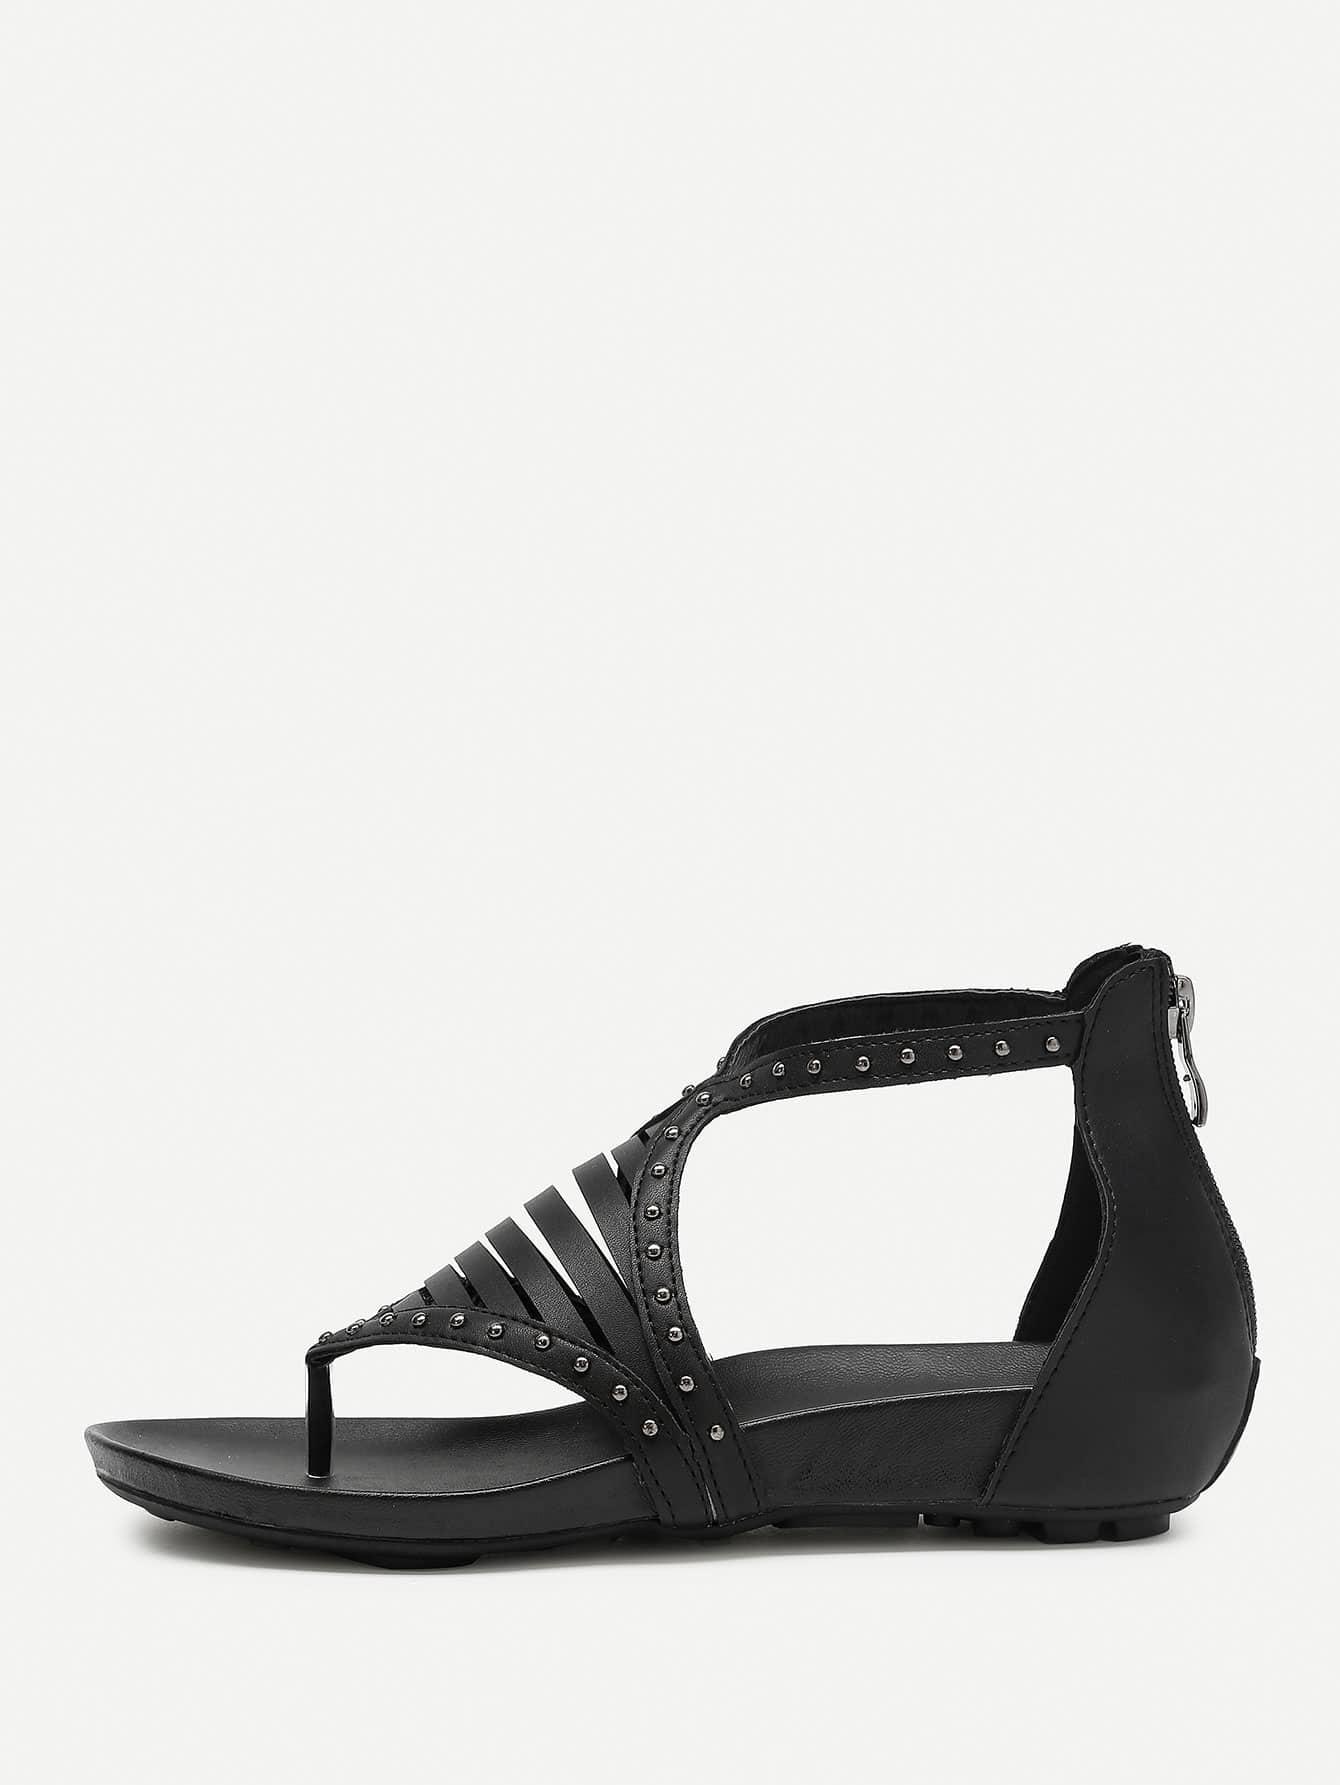 shoes170420804_2